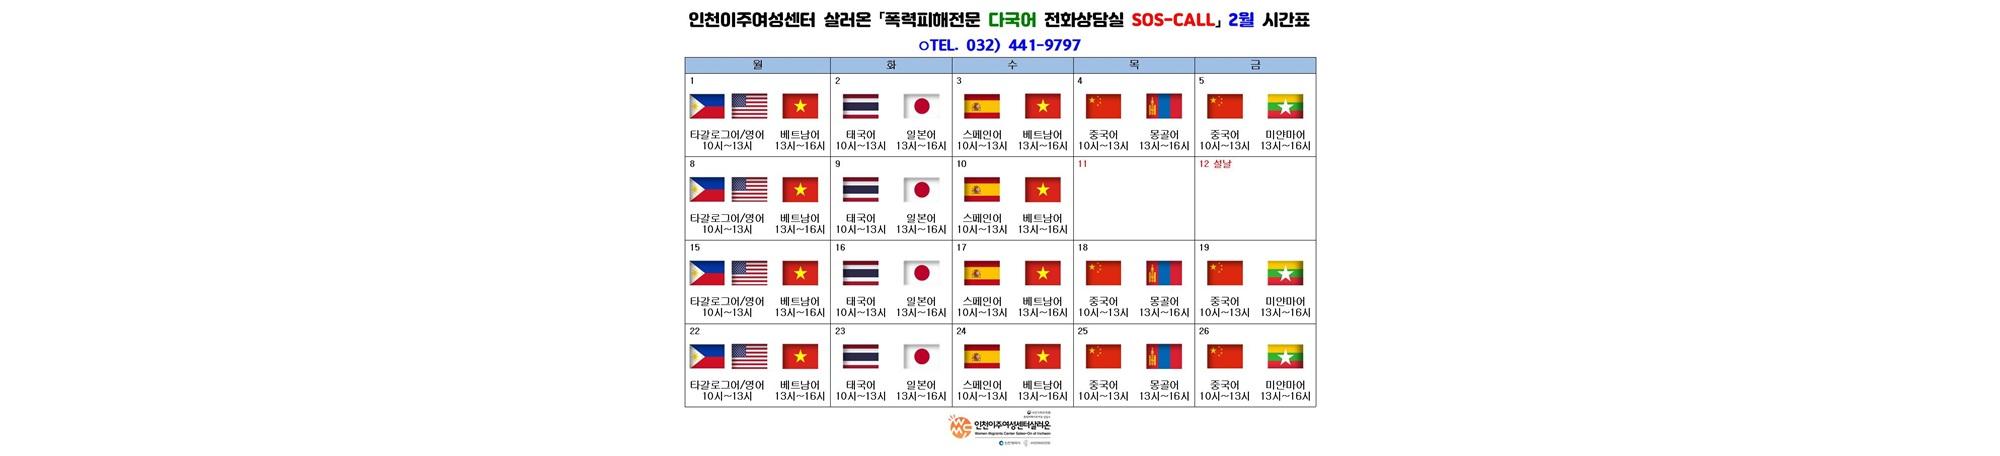 「폭력피해전문 다국어 전화상담실 SOS-CALL」 2월 시간표